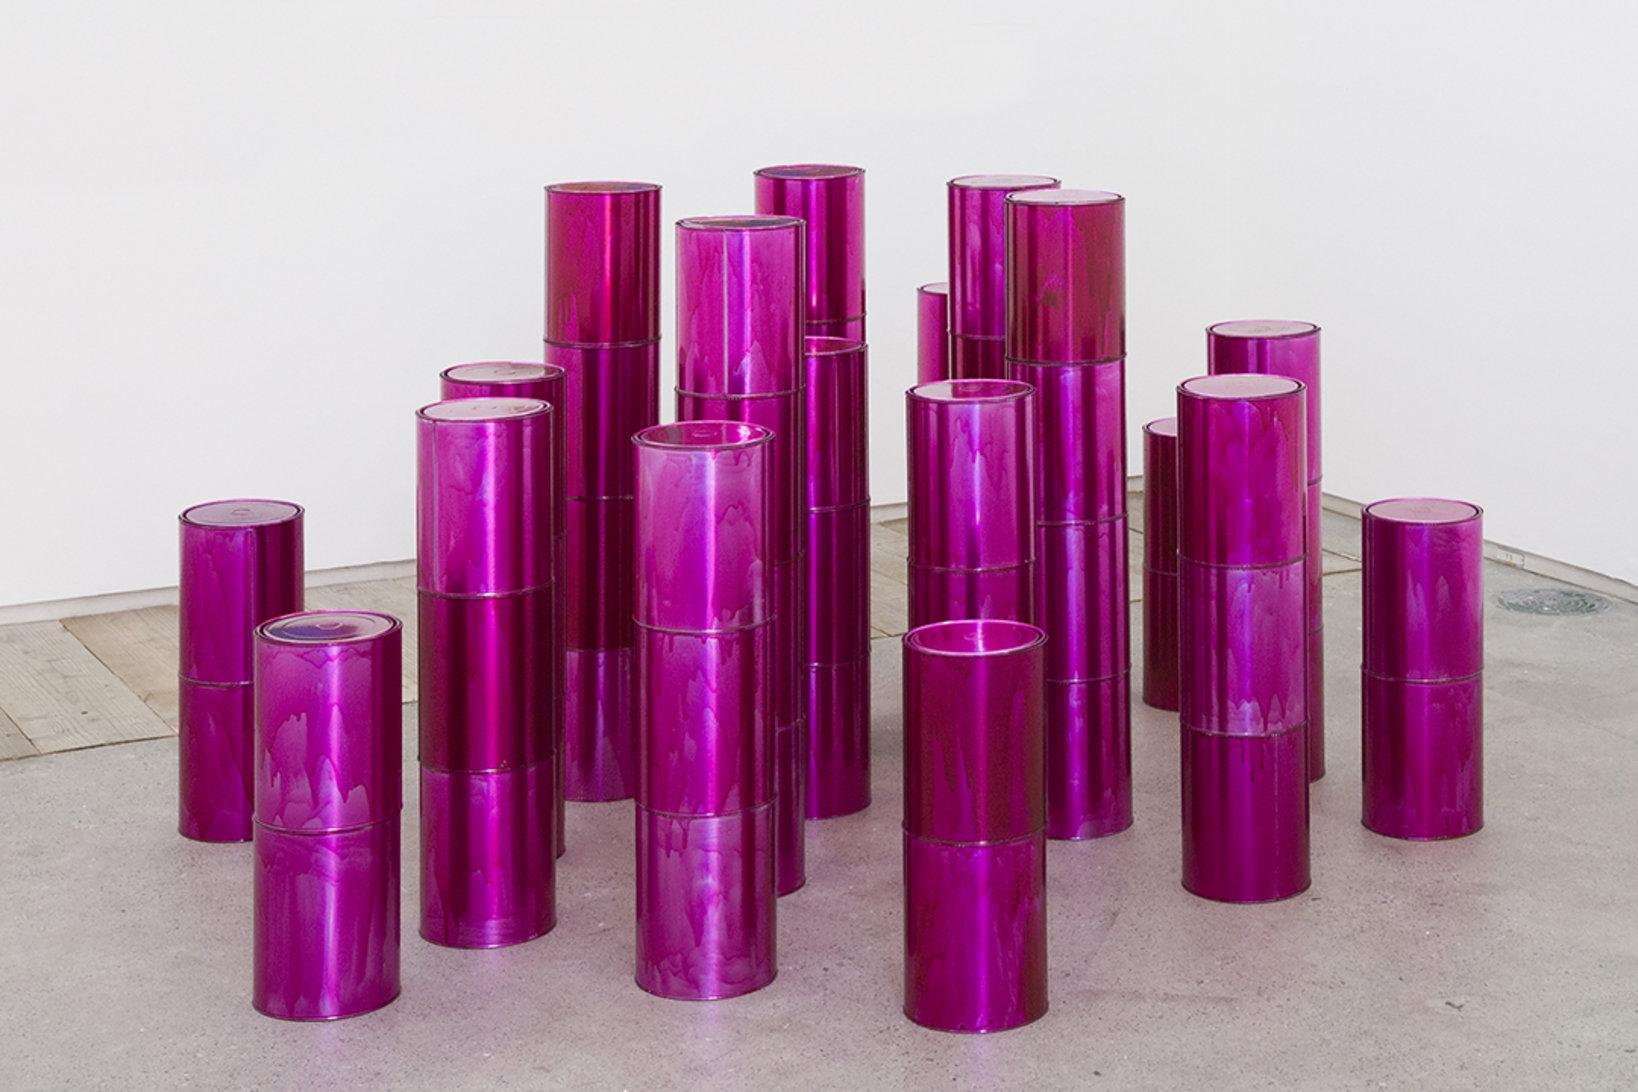 山崎つる子, Tin Cans, 2004 © Tsuruko Yamazaki, courtesy of LADS Gallery, Osaka and Take Ninagawa, Tokyo. Photo by Kei Okano